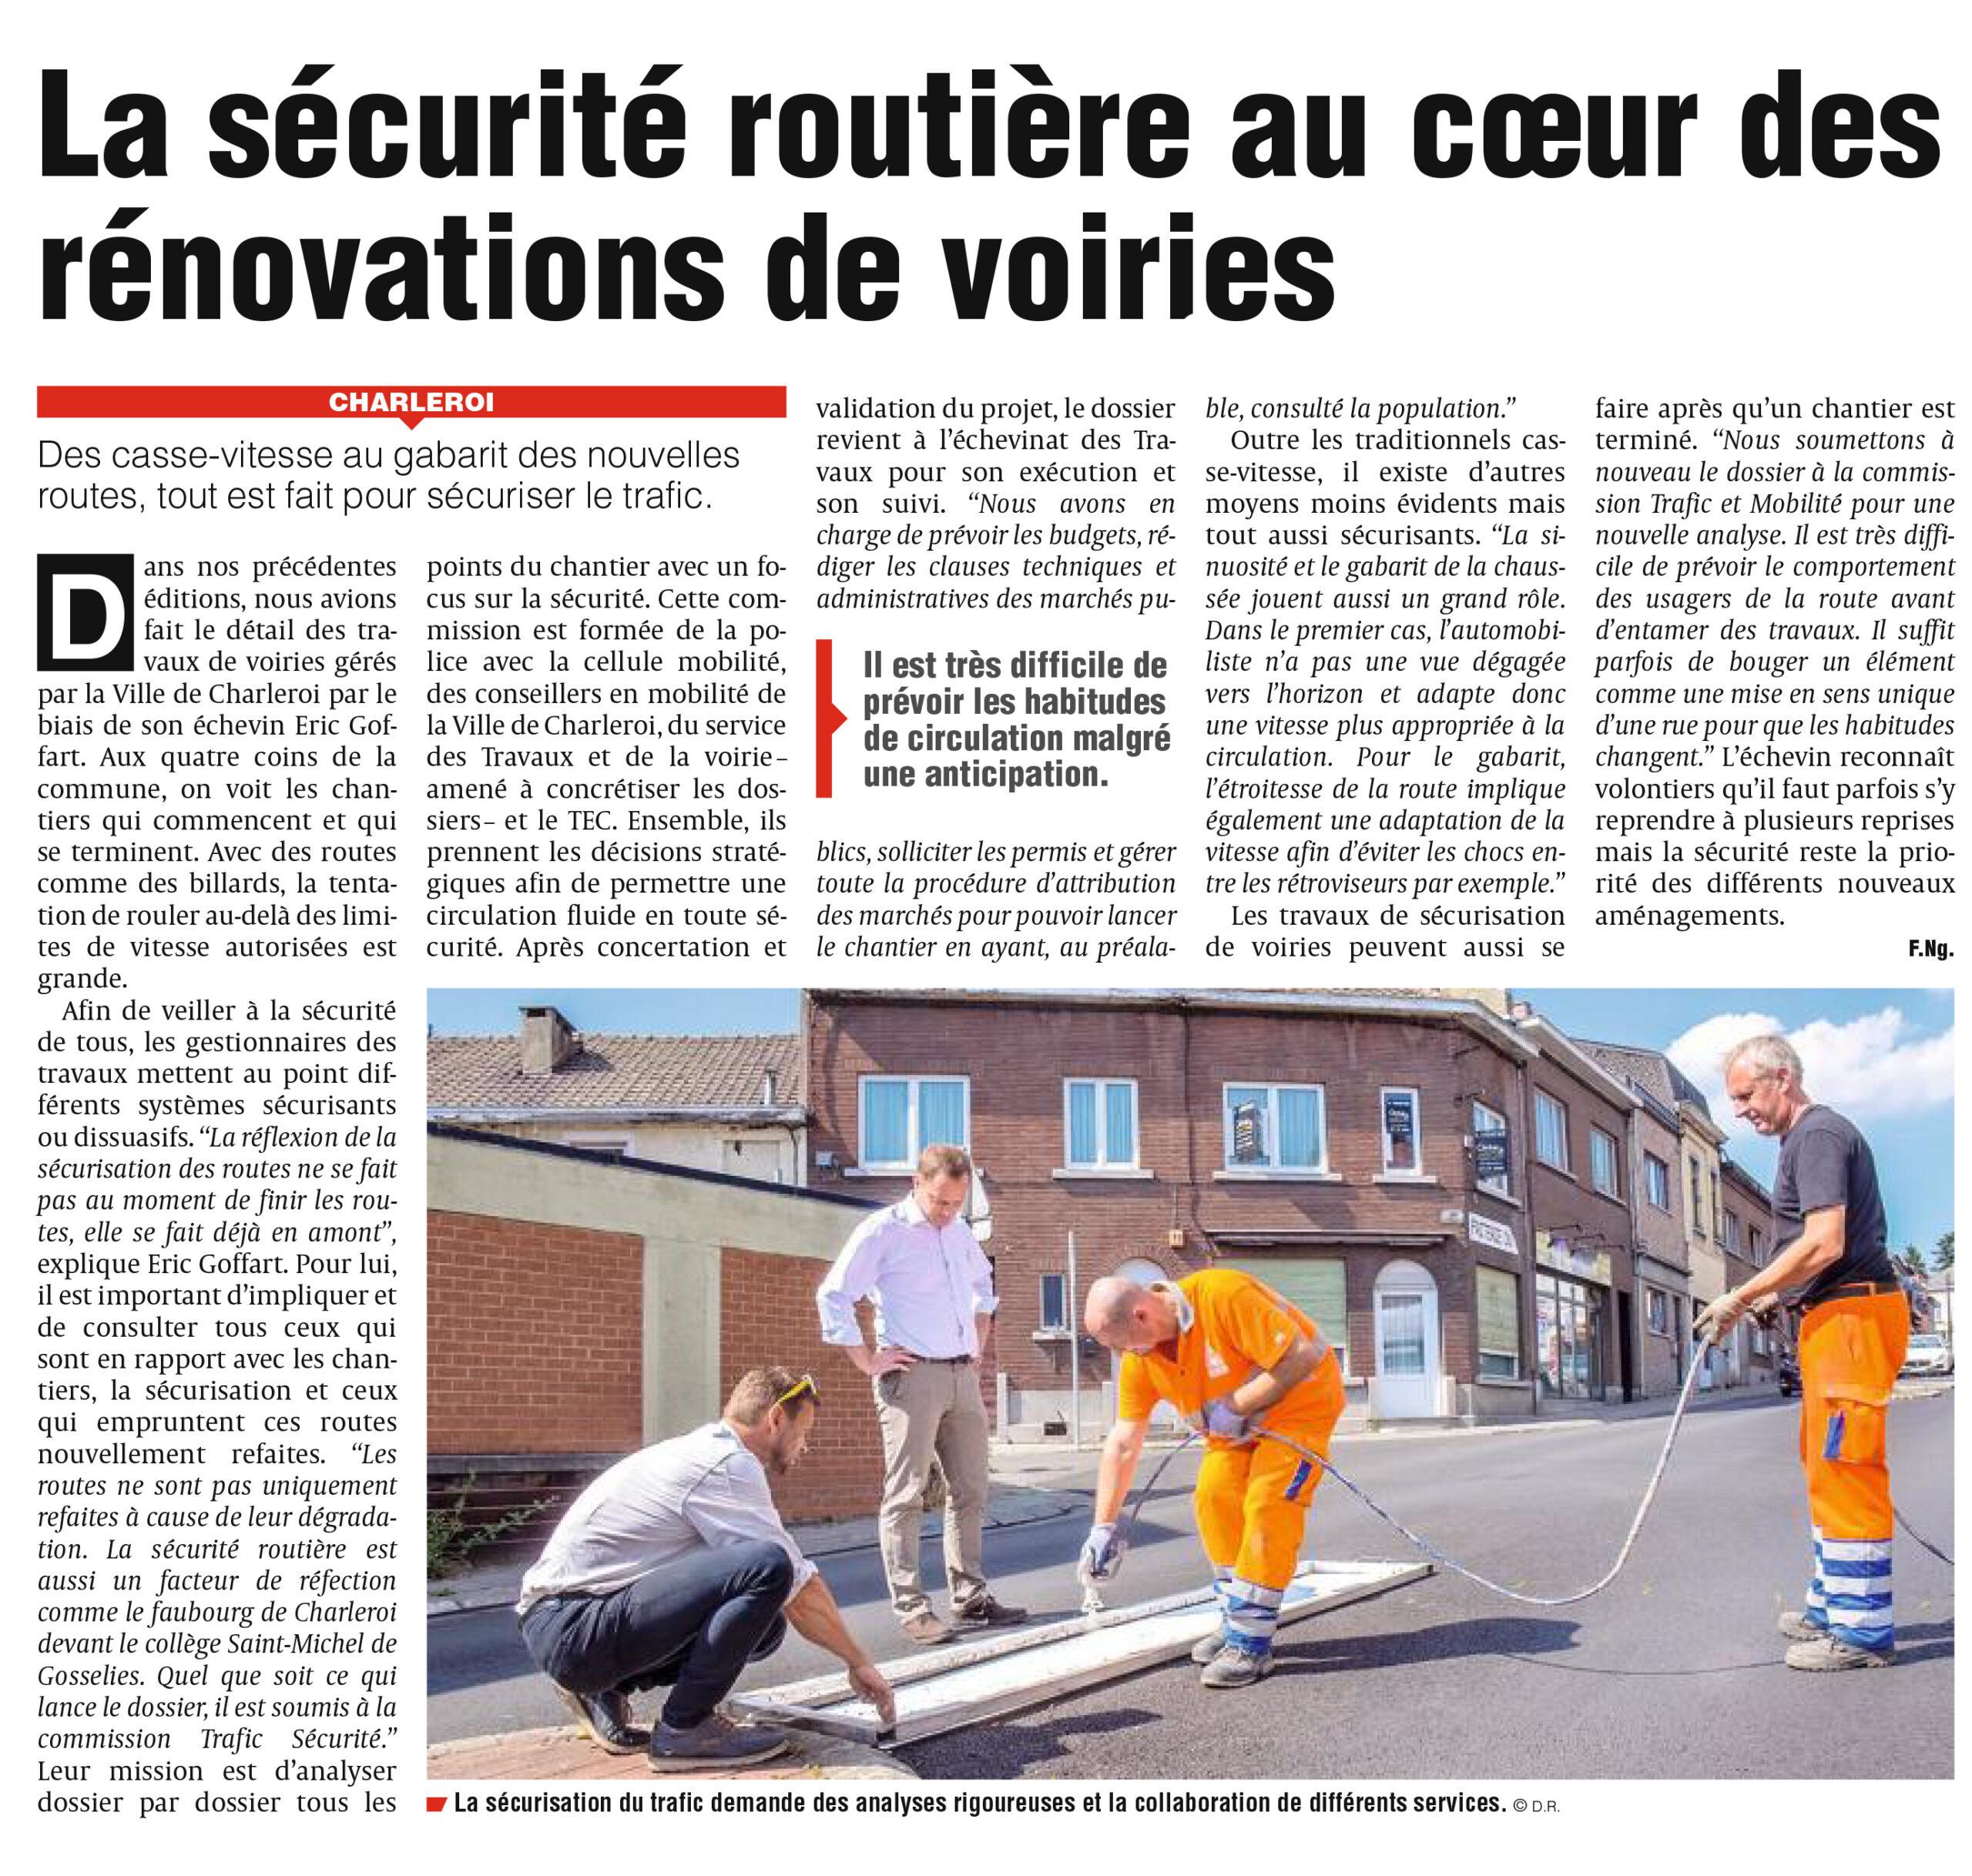 Eric Goffart - La sécurité routière au coeur des rénovations de voiries à Charleroi